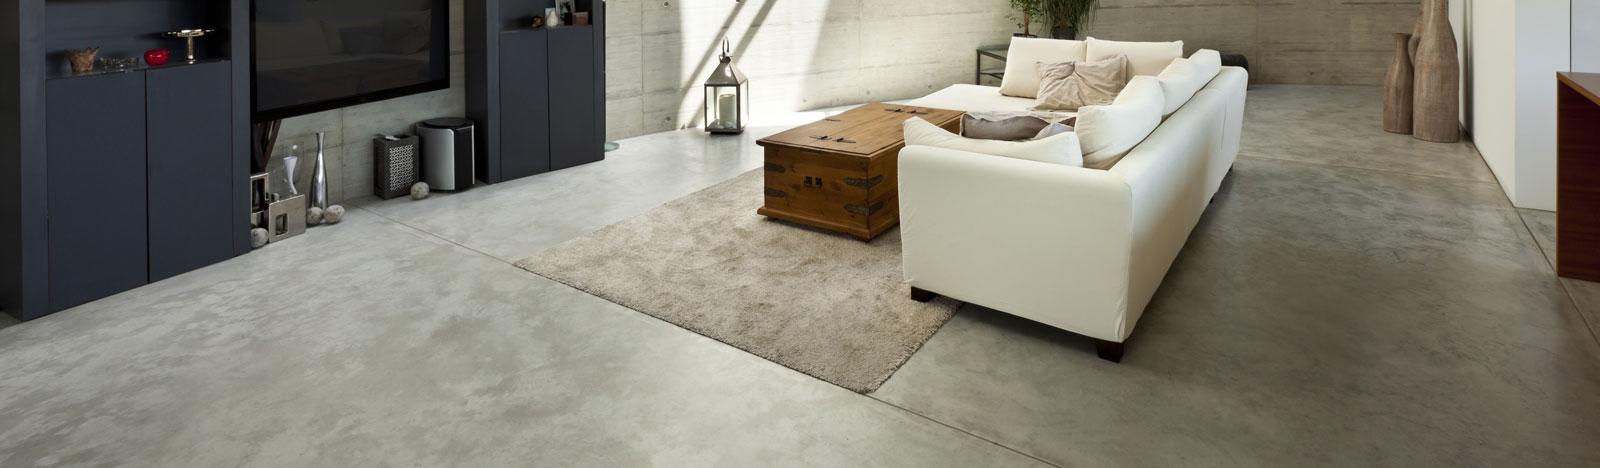 referenzen und l sungen f r privatkunden wohnungsbau. Black Bedroom Furniture Sets. Home Design Ideas